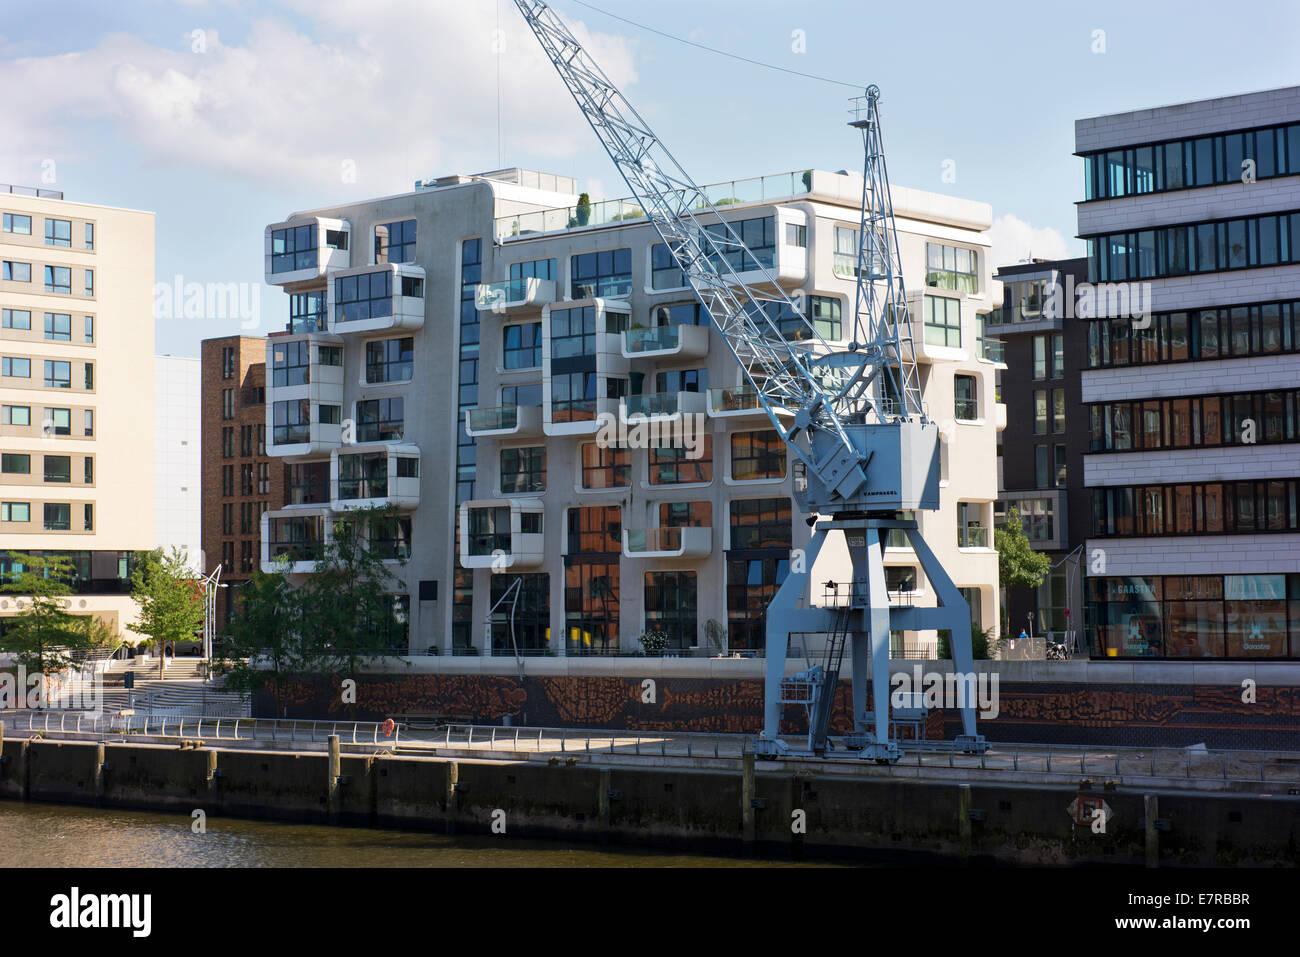 Moderne Wohnhäuser und alten Kran in Hamburgs Neu Stadt. Stockbild